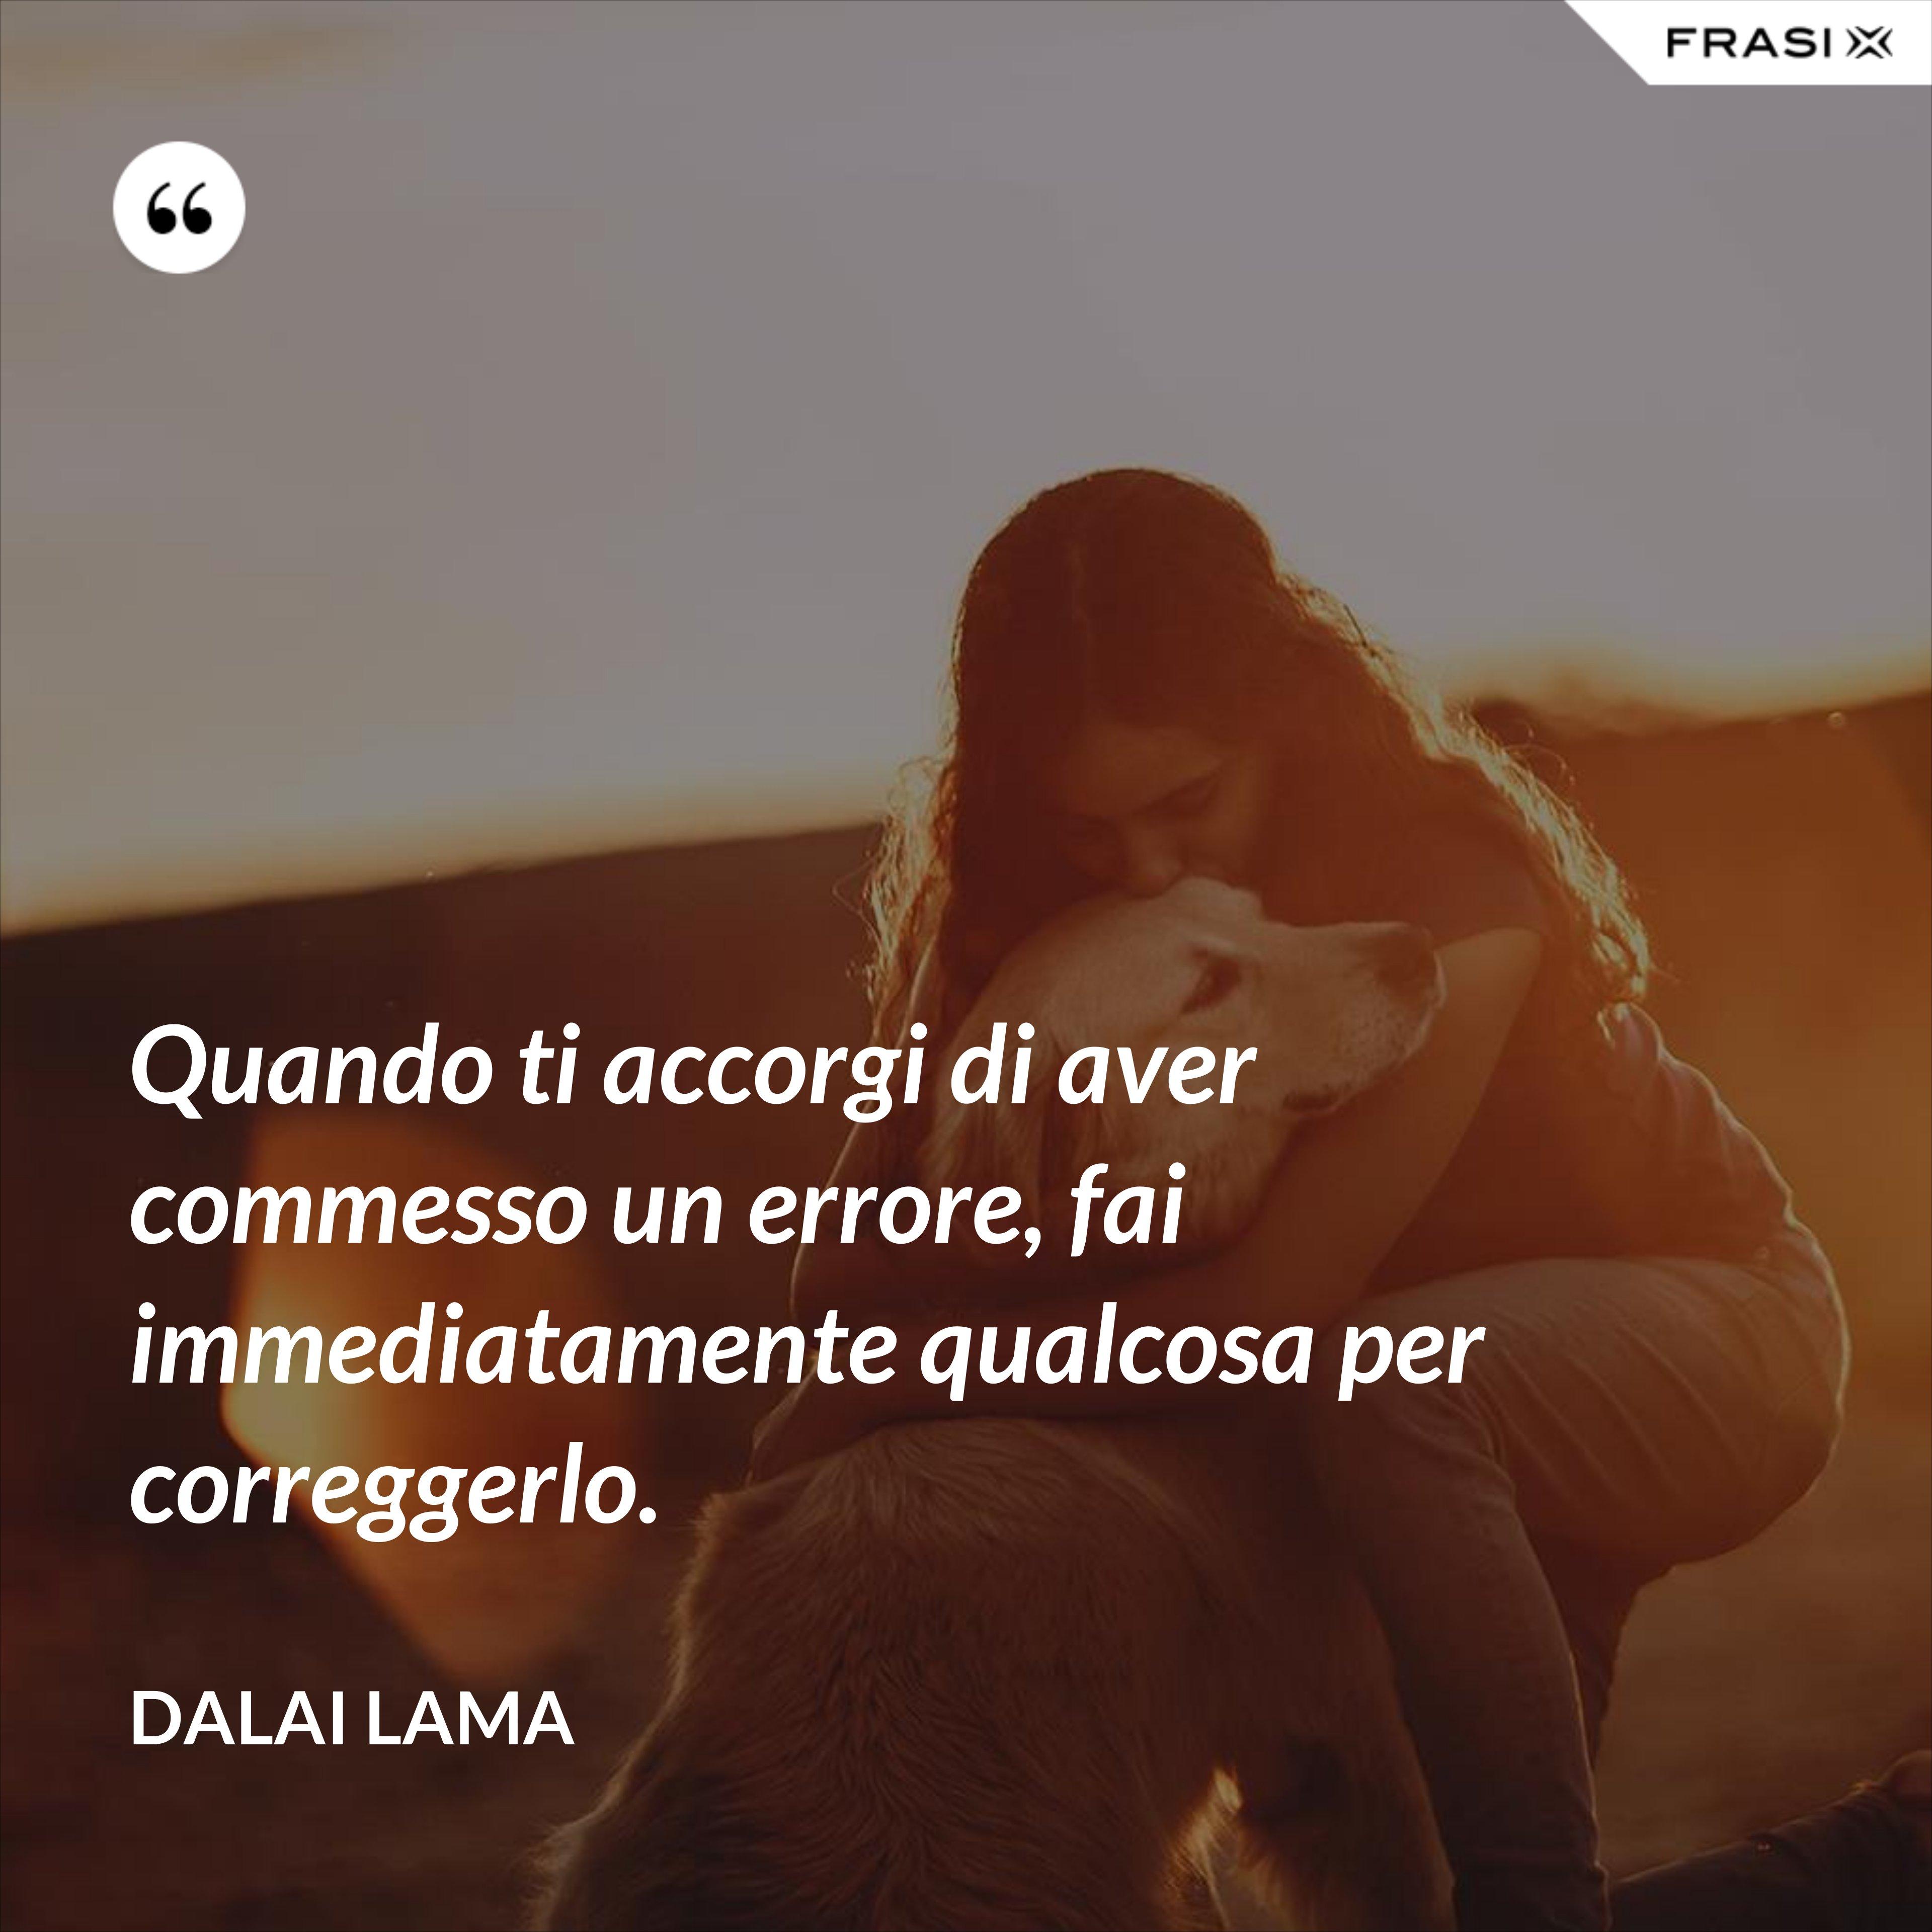 Quando ti accorgi di aver commesso un errore, fai immediatamente qualcosa per correggerlo. - Dalai Lama